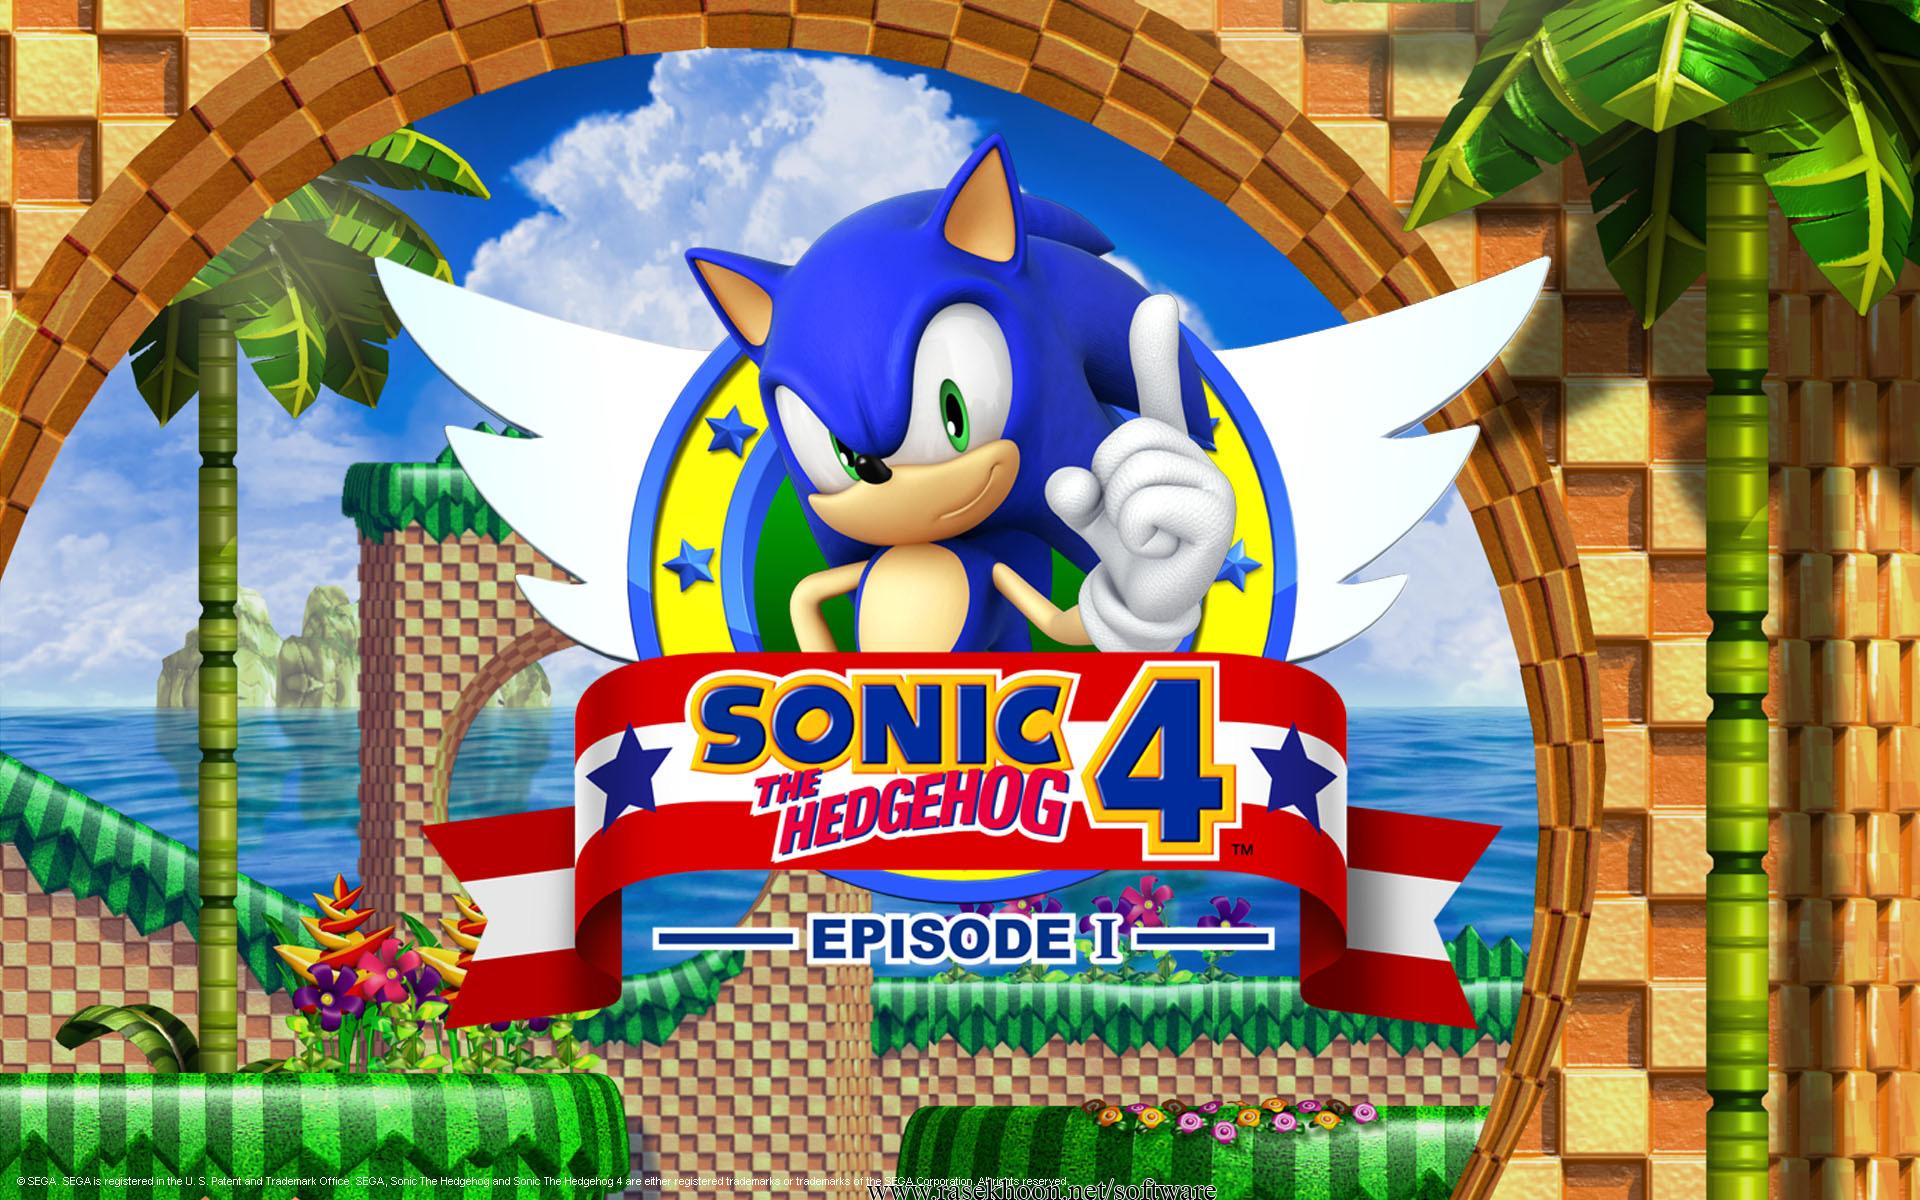 دانلود بازي سونيک نسخه 4 Sonic the Hedgehog 4  بازی آنلاین جالب سونیک آکاایران